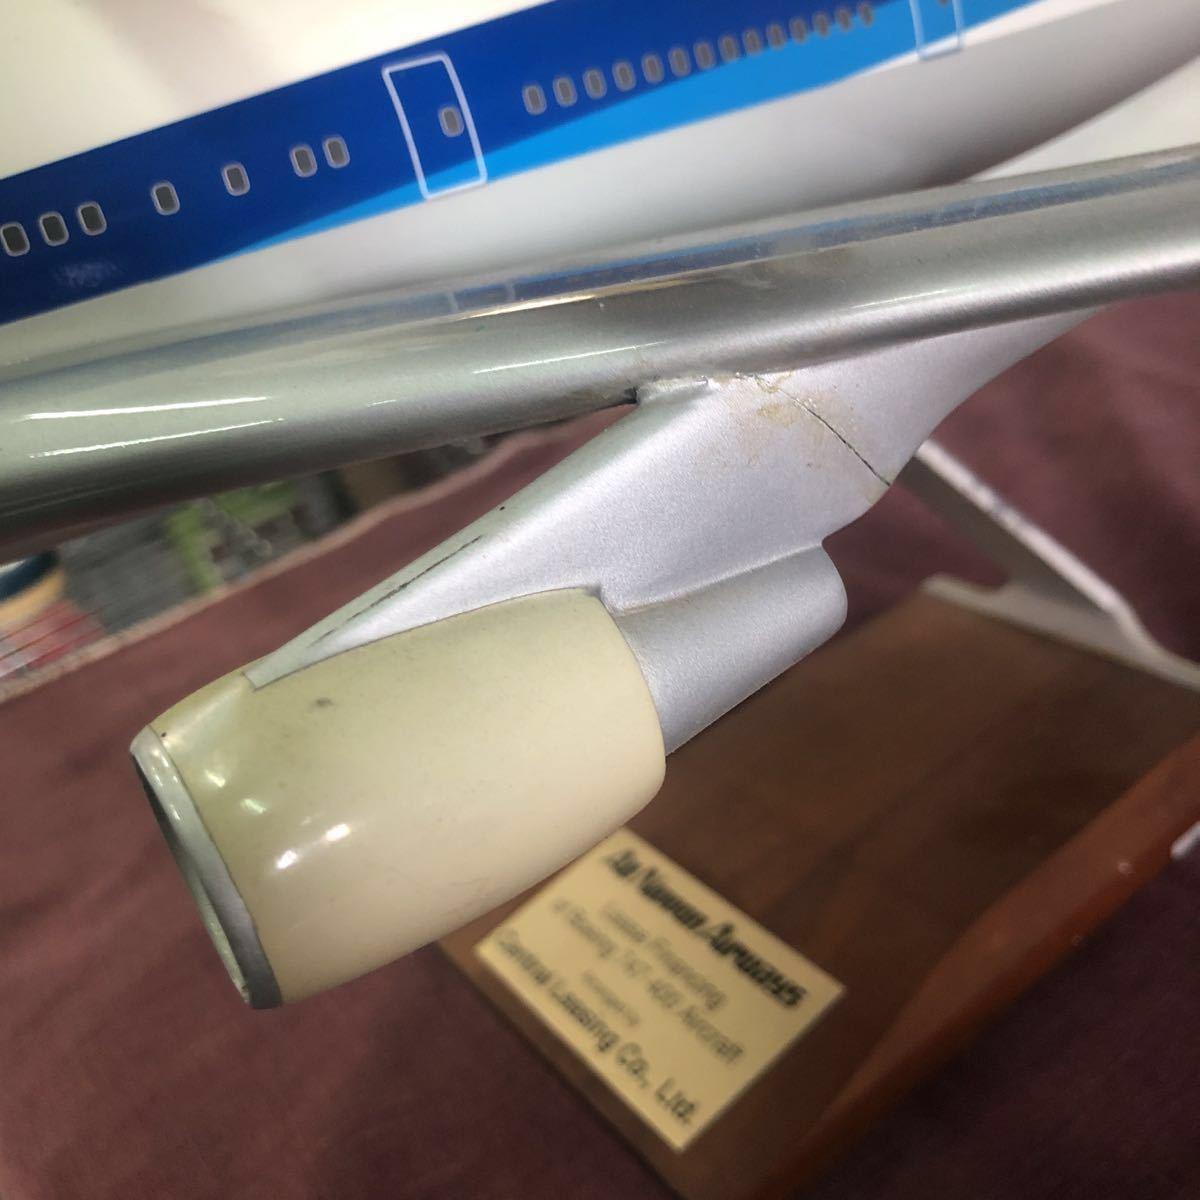 格安!売り切り!全日空 All Nippon Airways Lease Financing of Boeing 747-400 Aircraft 航空機 ボーイング 模型 置物 ANA_画像6